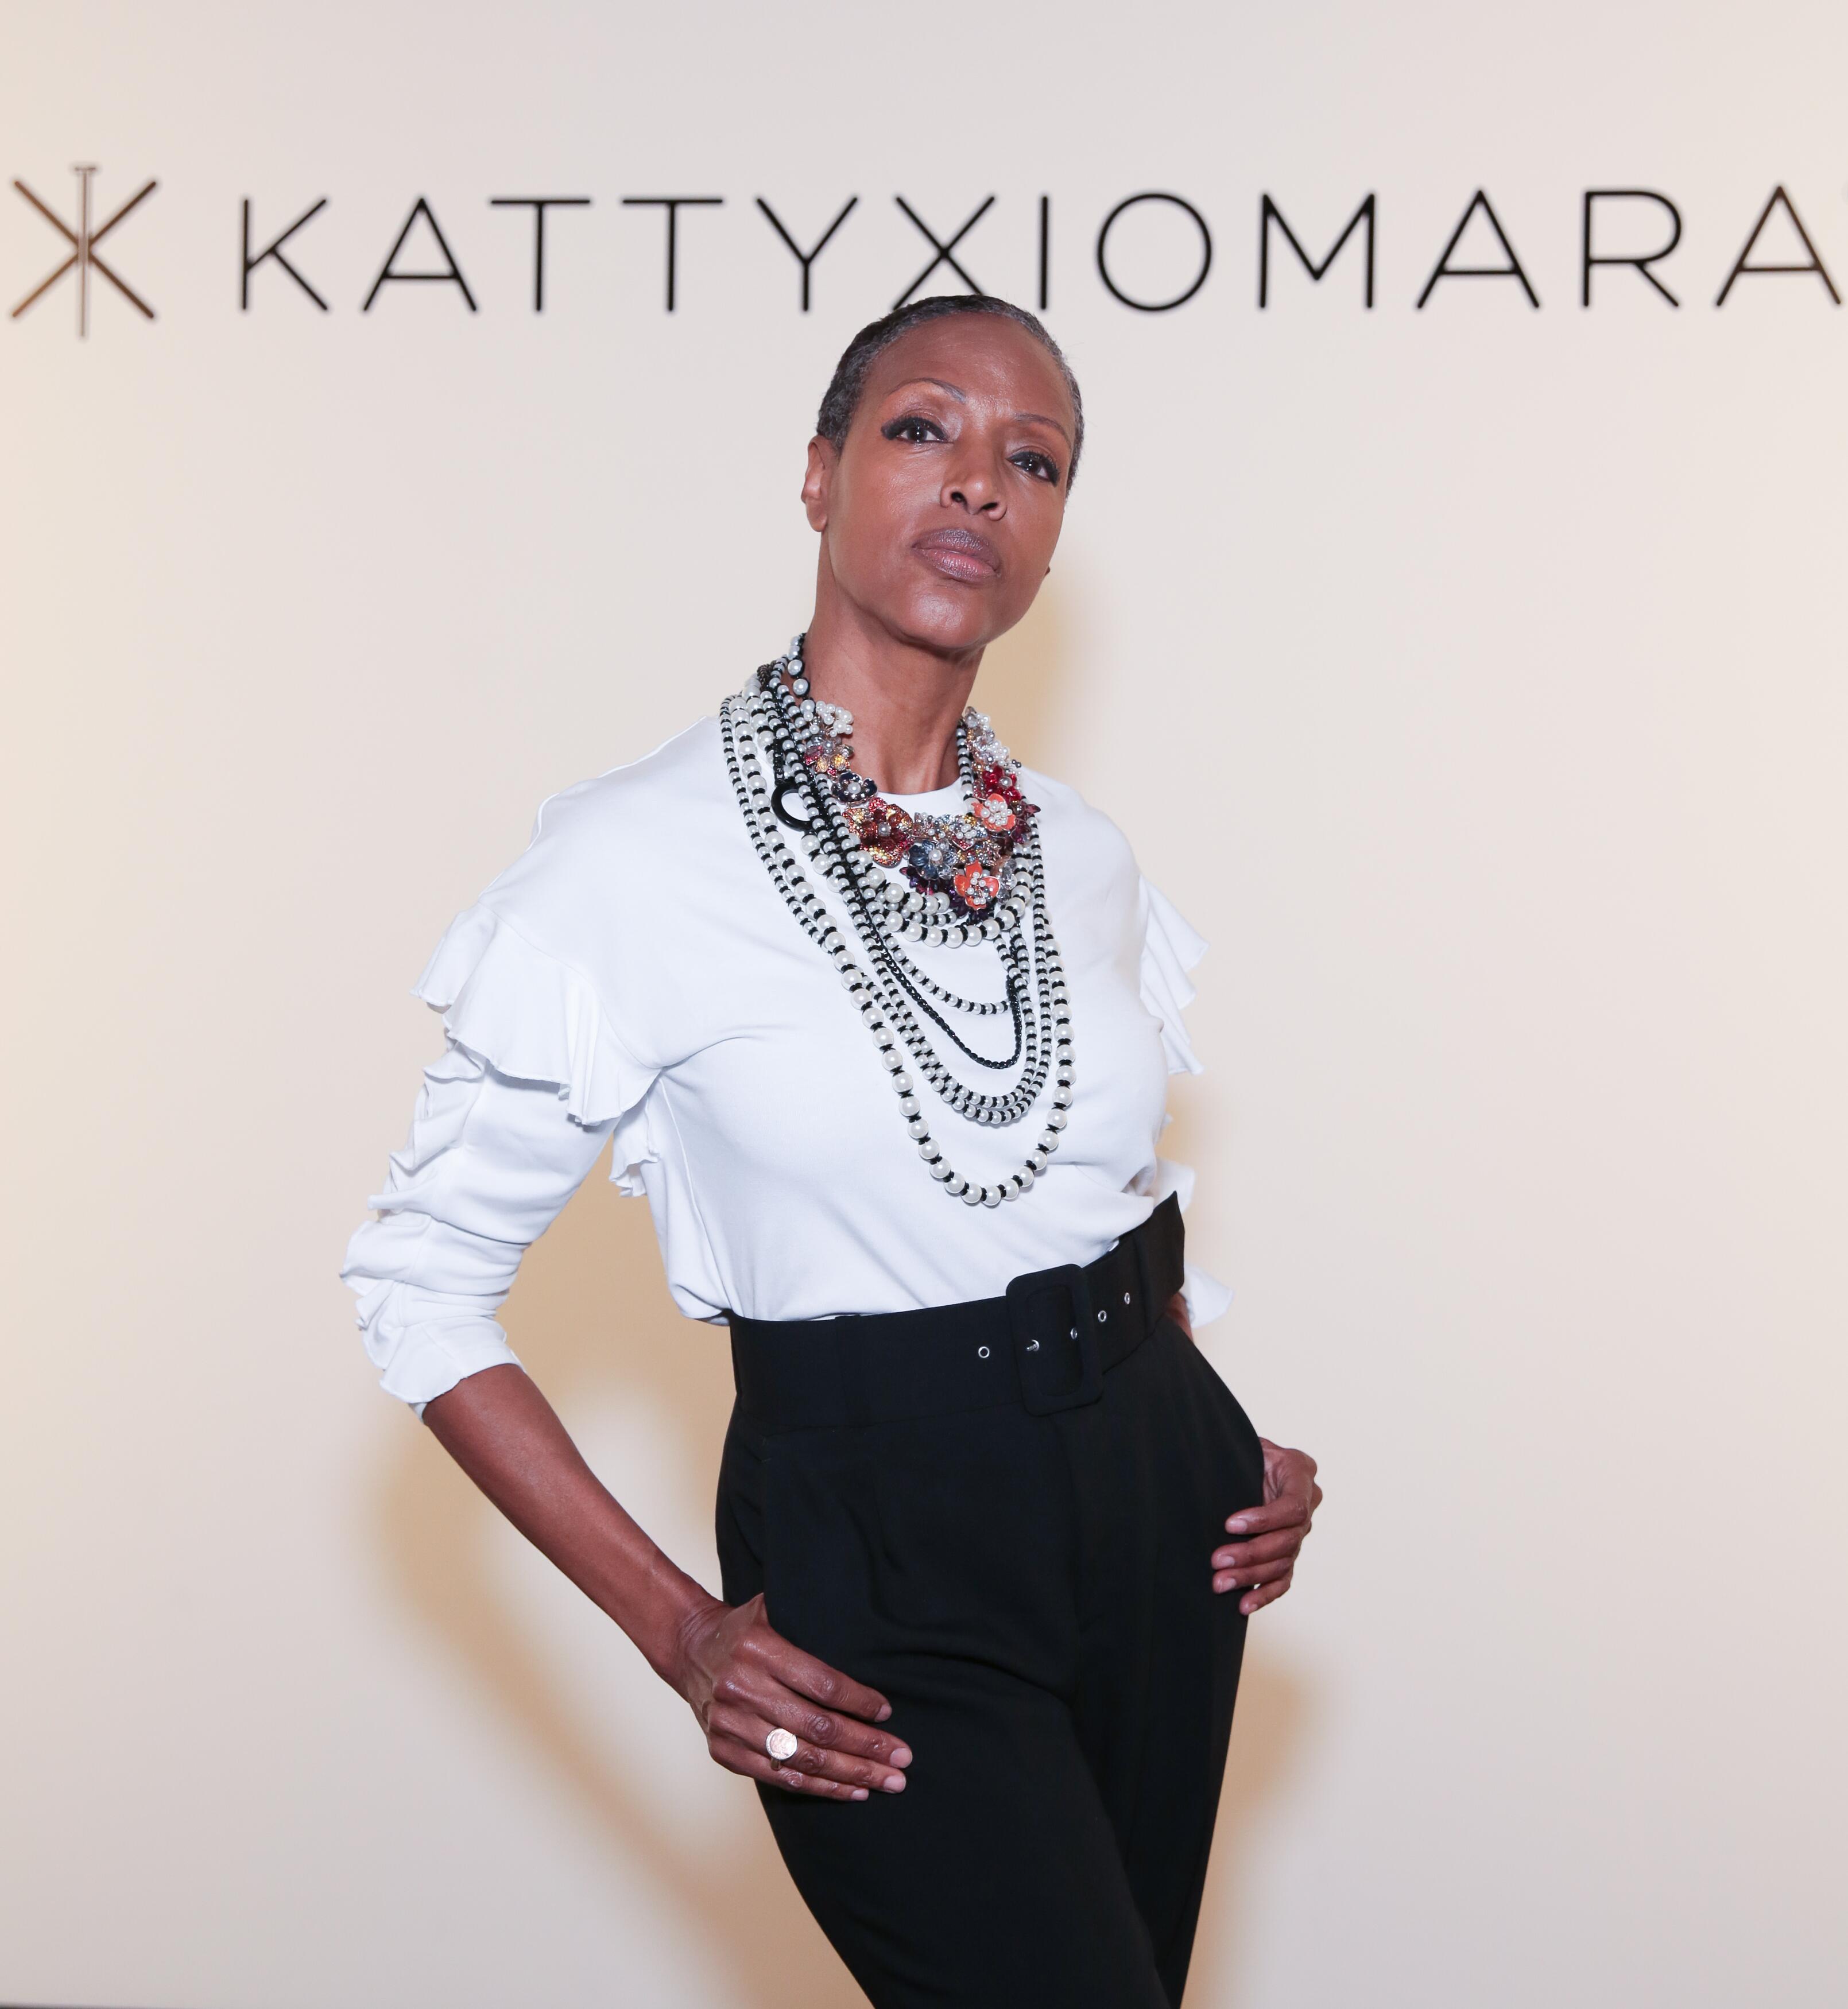 Katty Xiomara - Front Row - September 2017 - New York Fashion Week